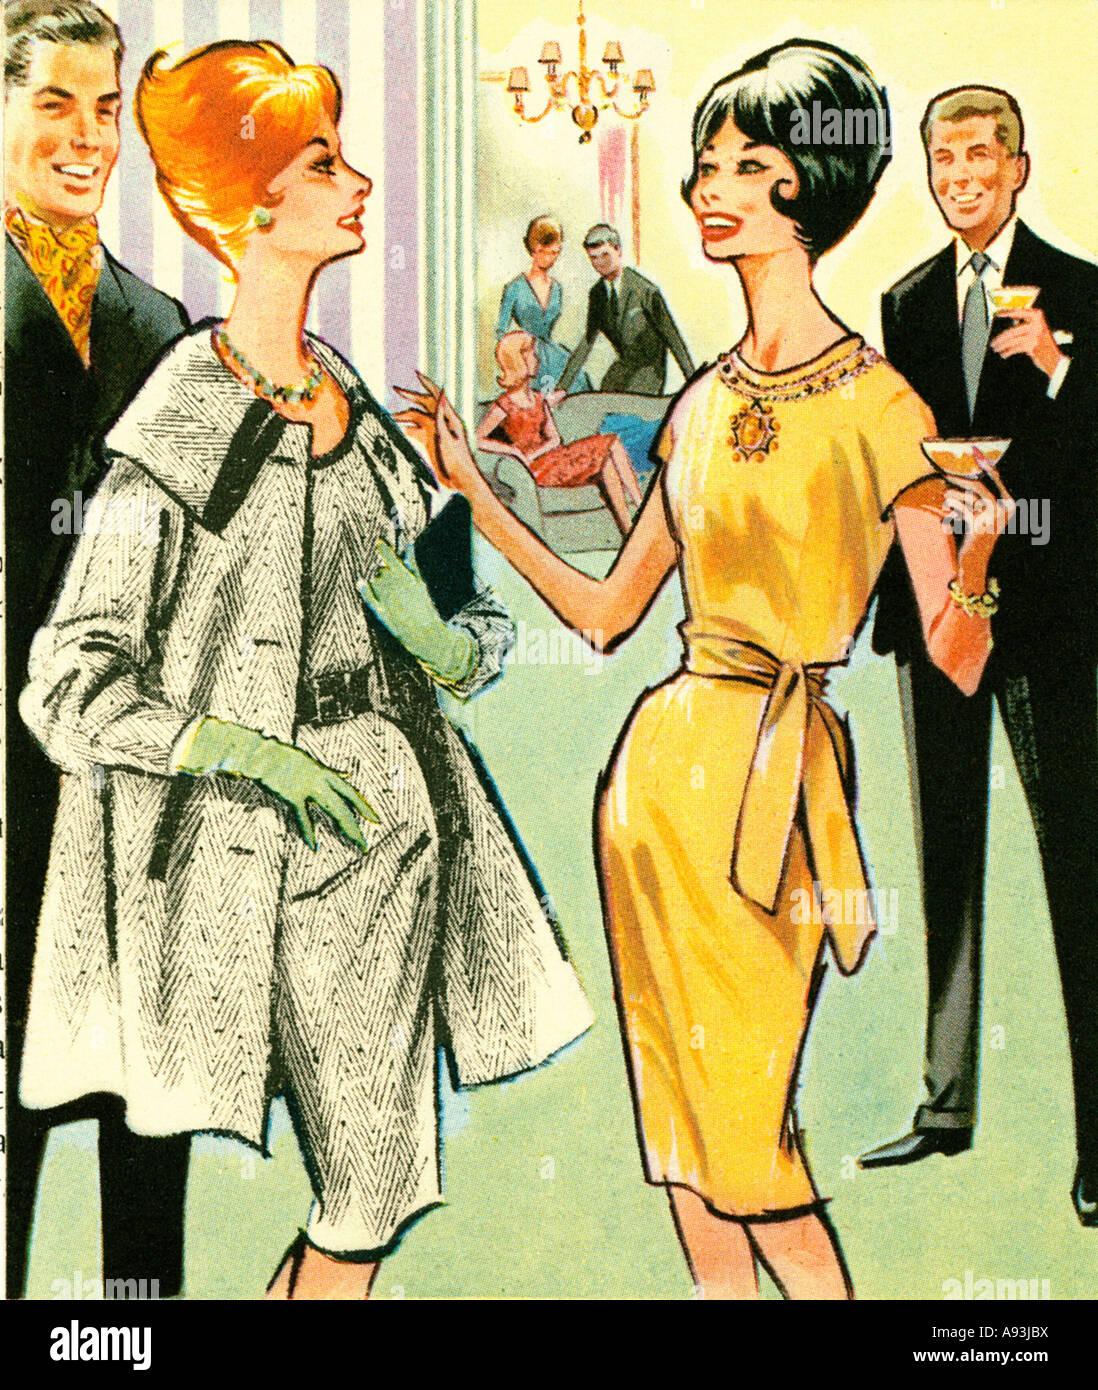 Recepción con champagne 1961 ilustración de moda badinage feliz en una fiesta Imagen De Stock